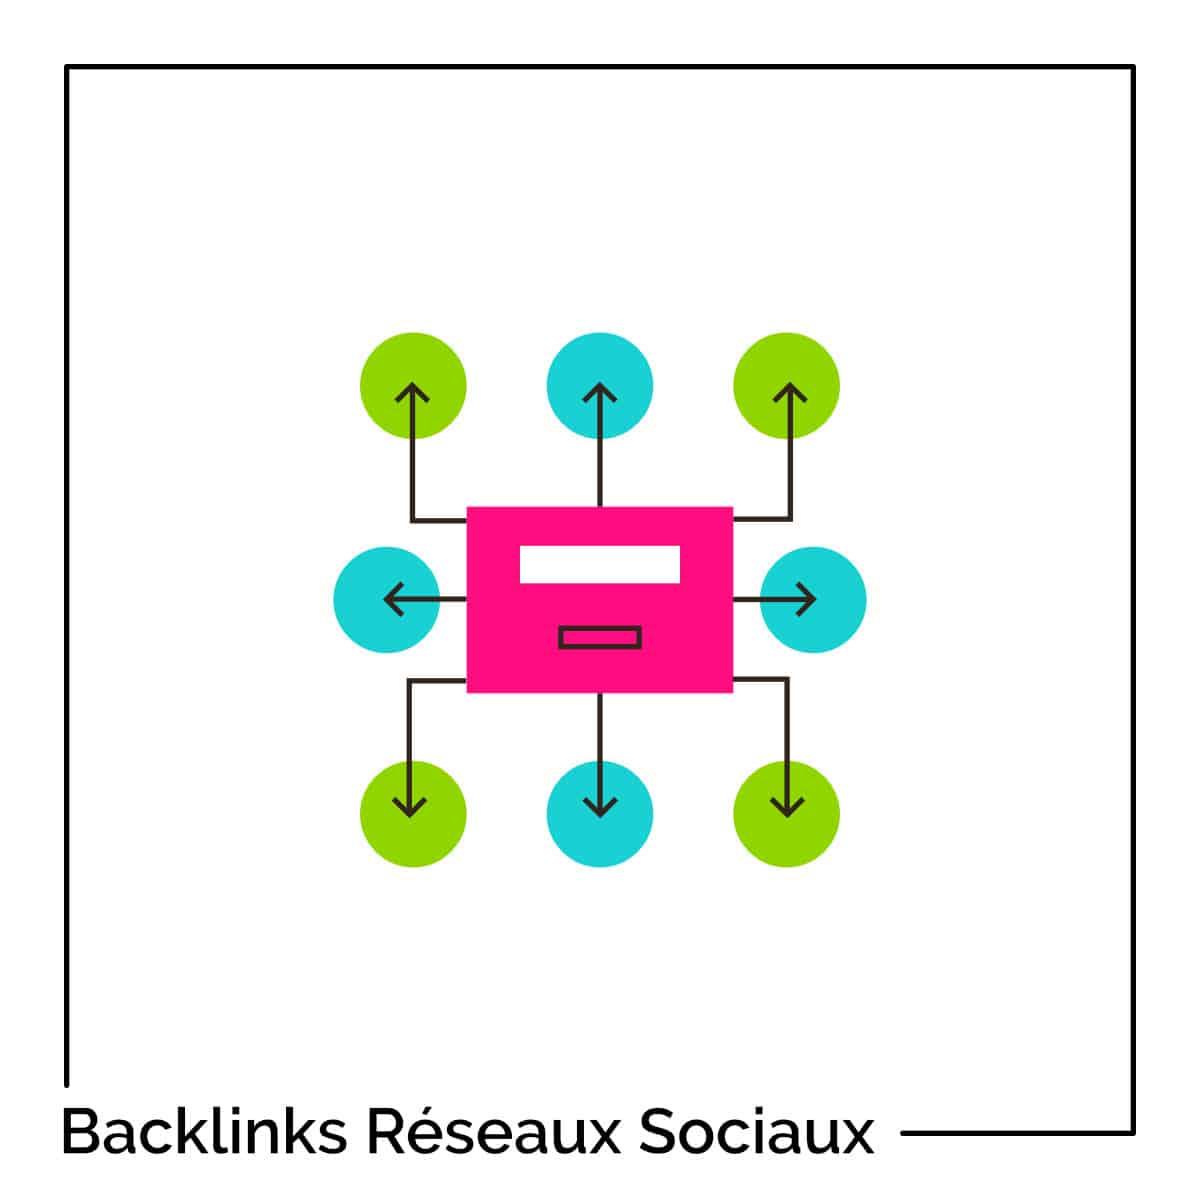 Réseaux sociaux, backlinks & trafic : le guide pratique et complet